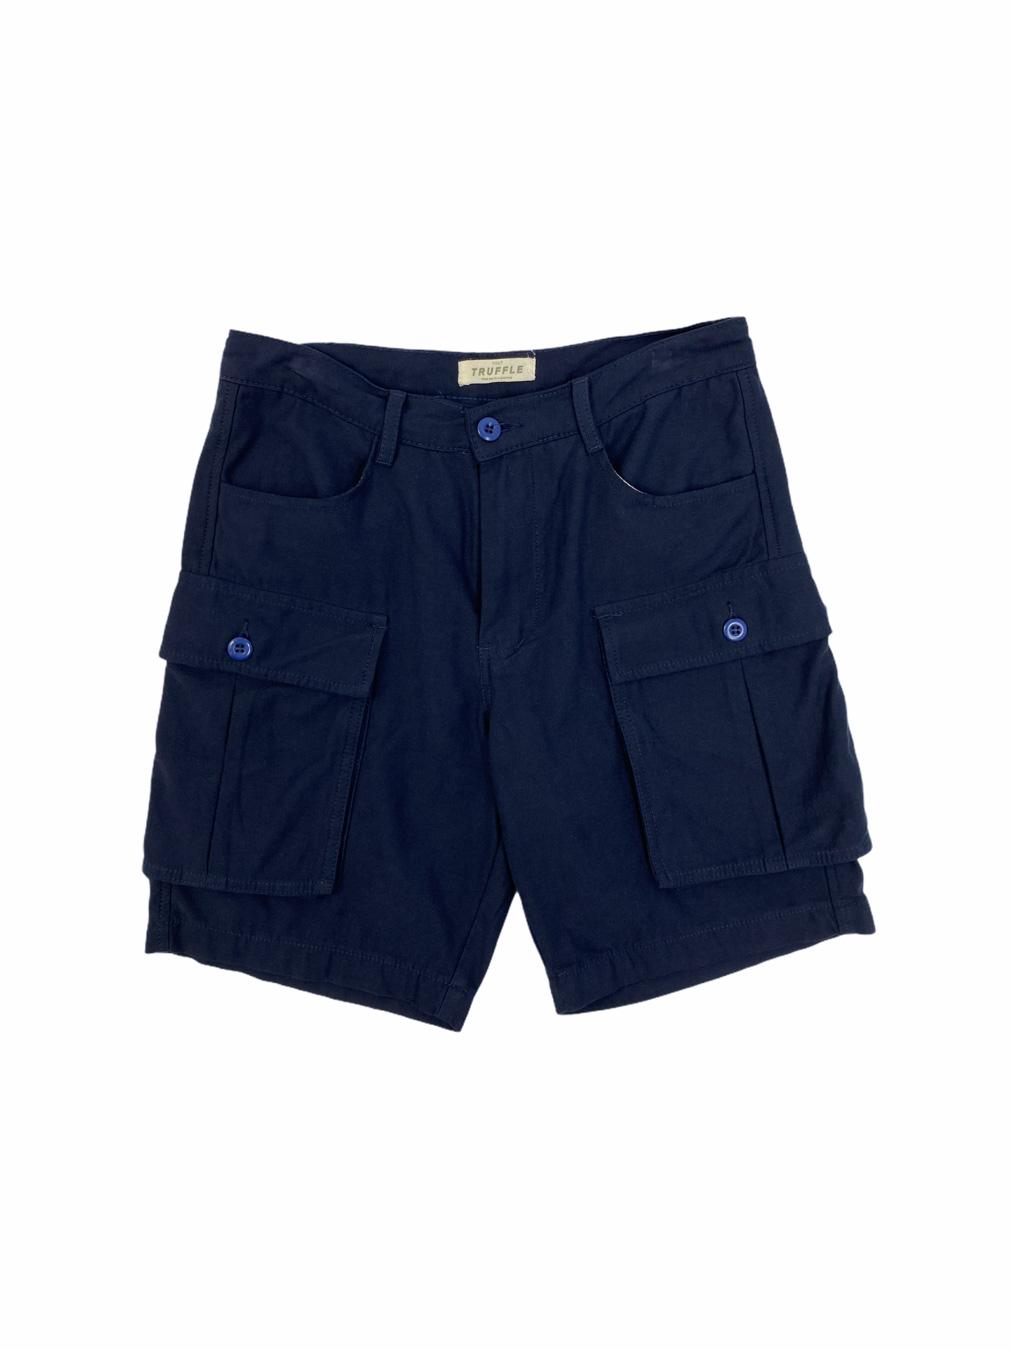 Short Cargo (Navy)